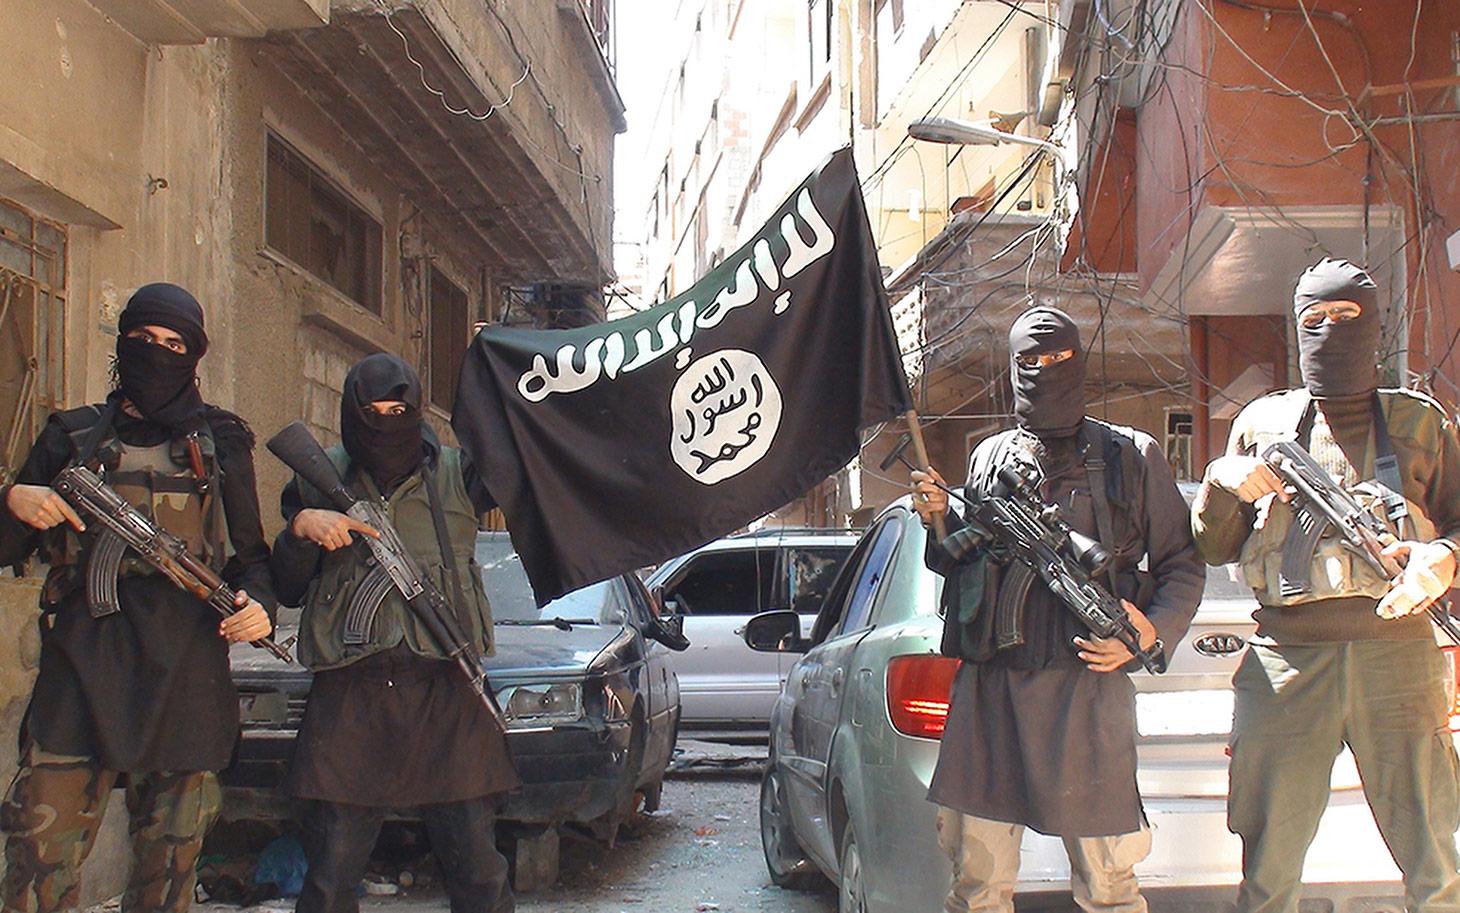 22 bin IŞİD'li teröristin bilgileri ele geçirildi